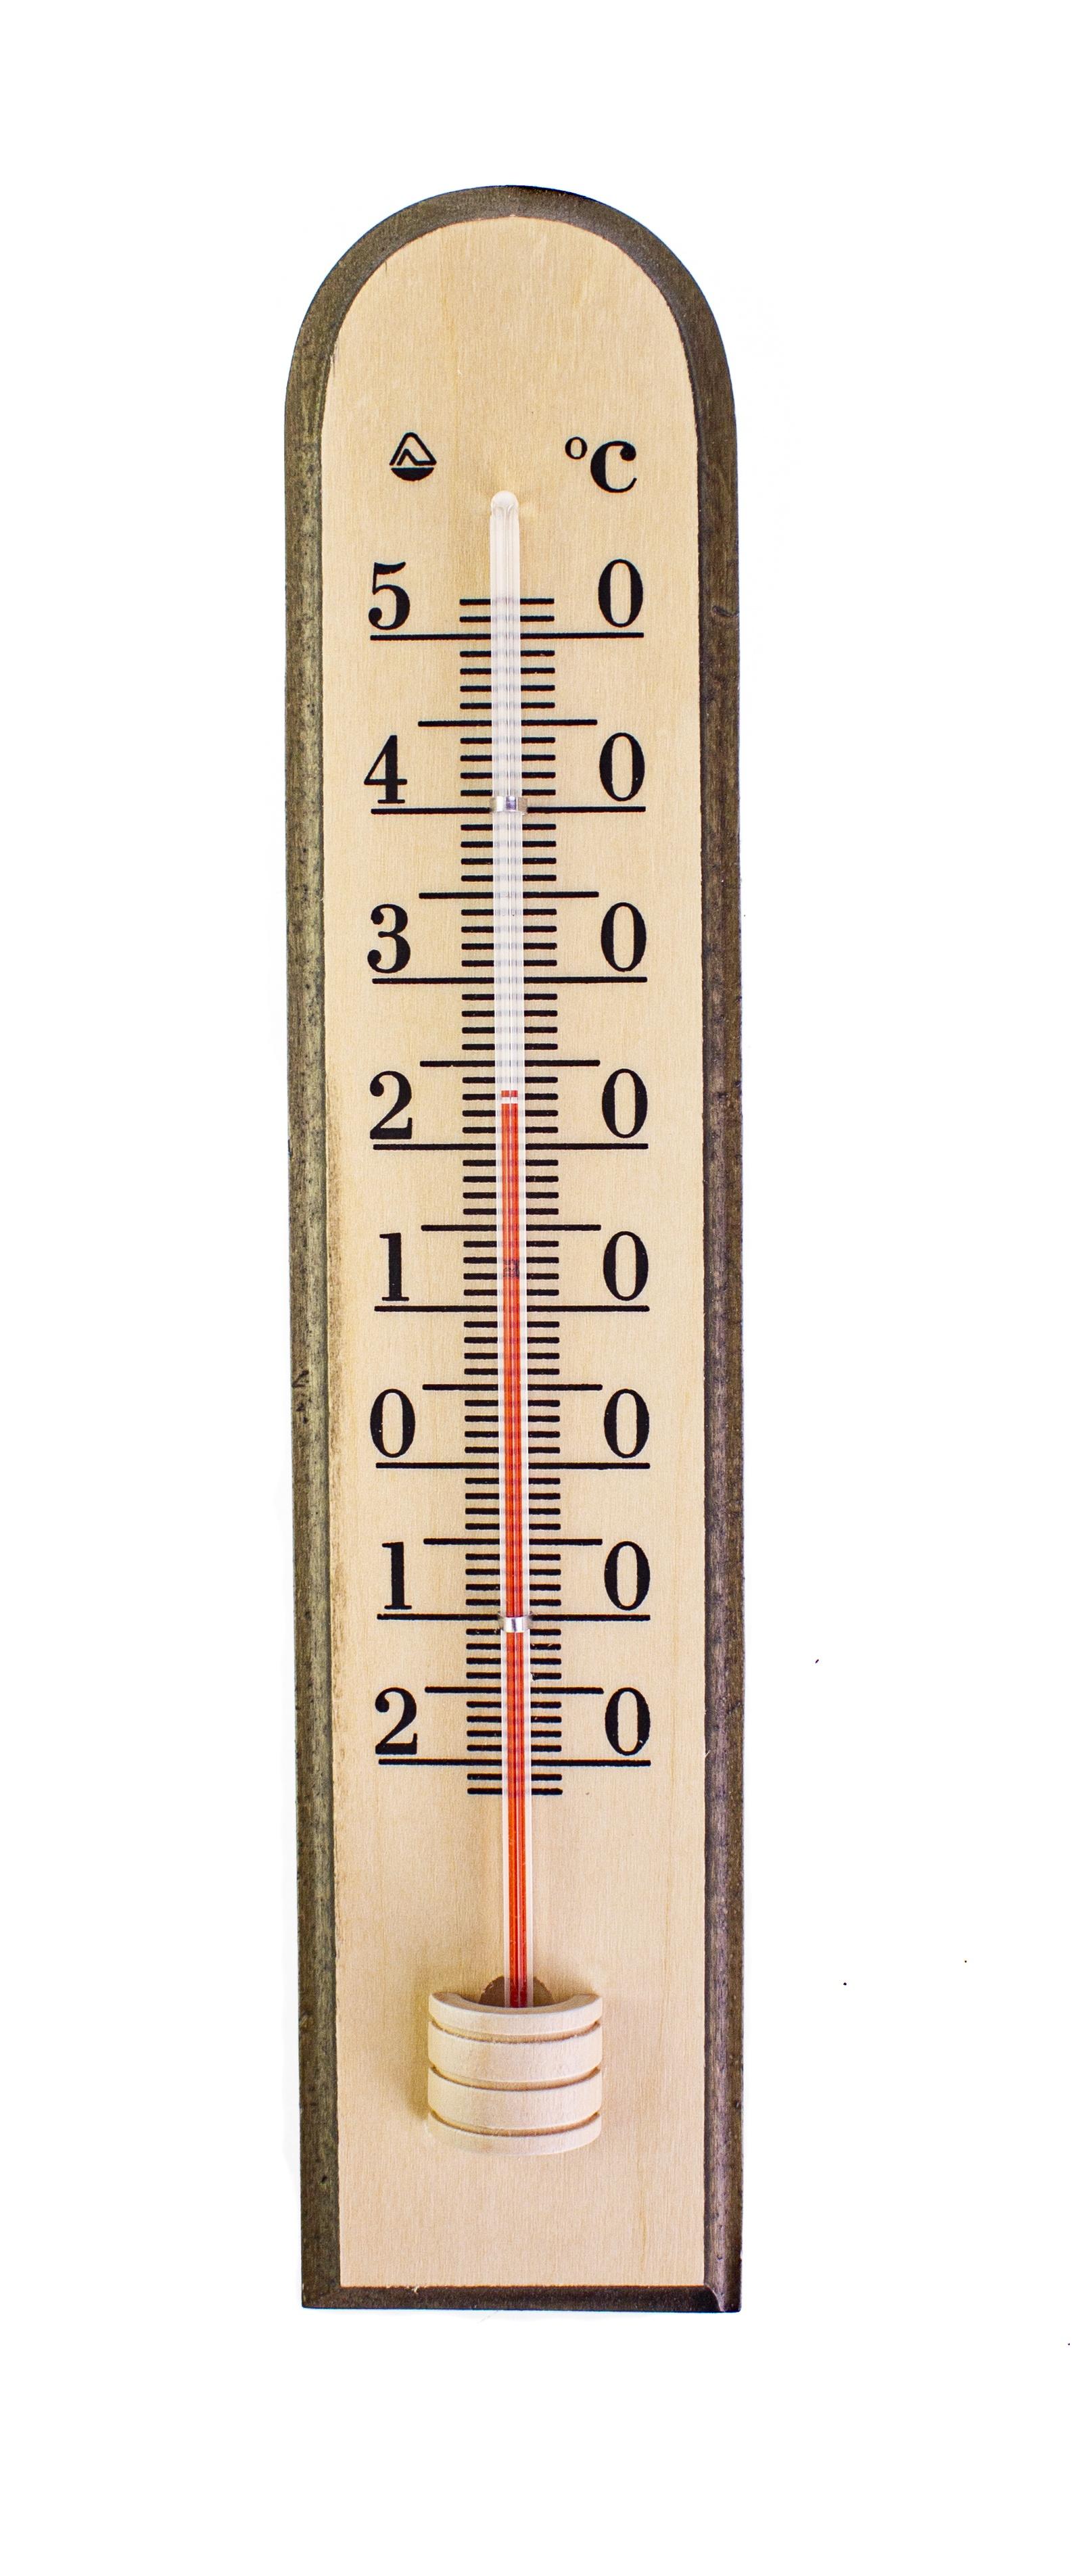 Термометр садовый PROFFI комнатный, настенный, деревянный, бежевый